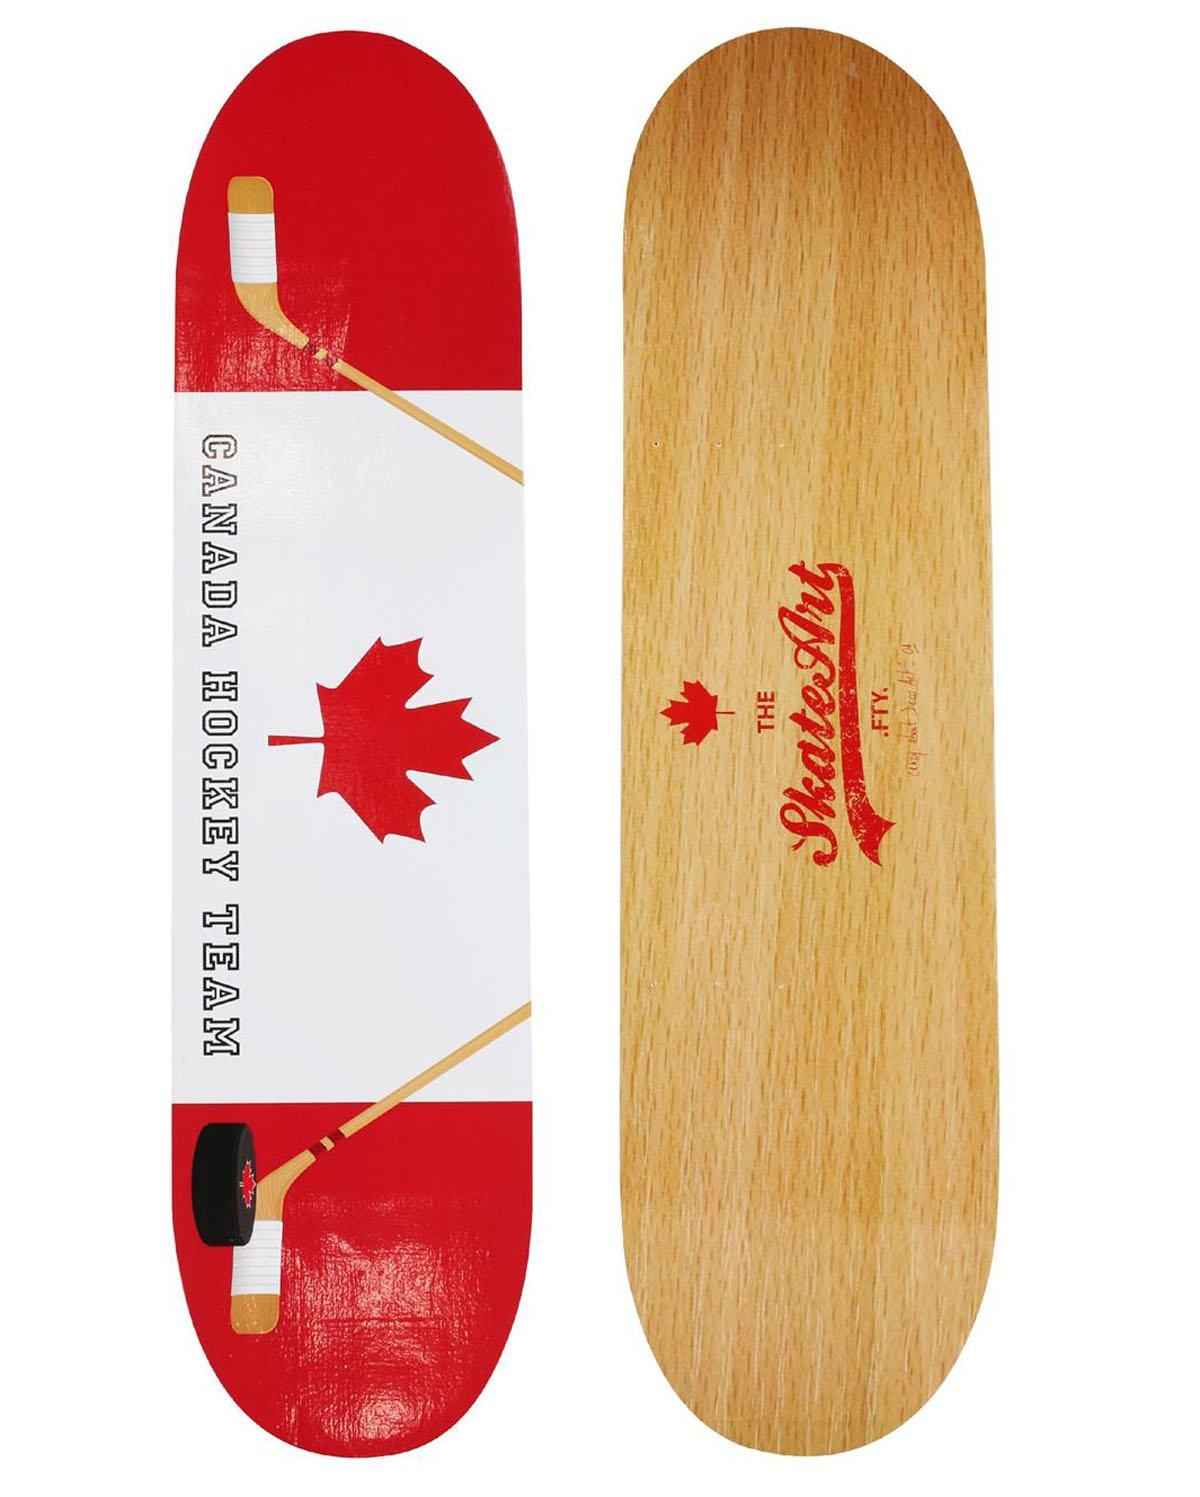 Etagère murale Skate Canada en bois coloris beige/rouge/blanc - Dim : H 1 x L 60 x P 15 cm - PEGANE -